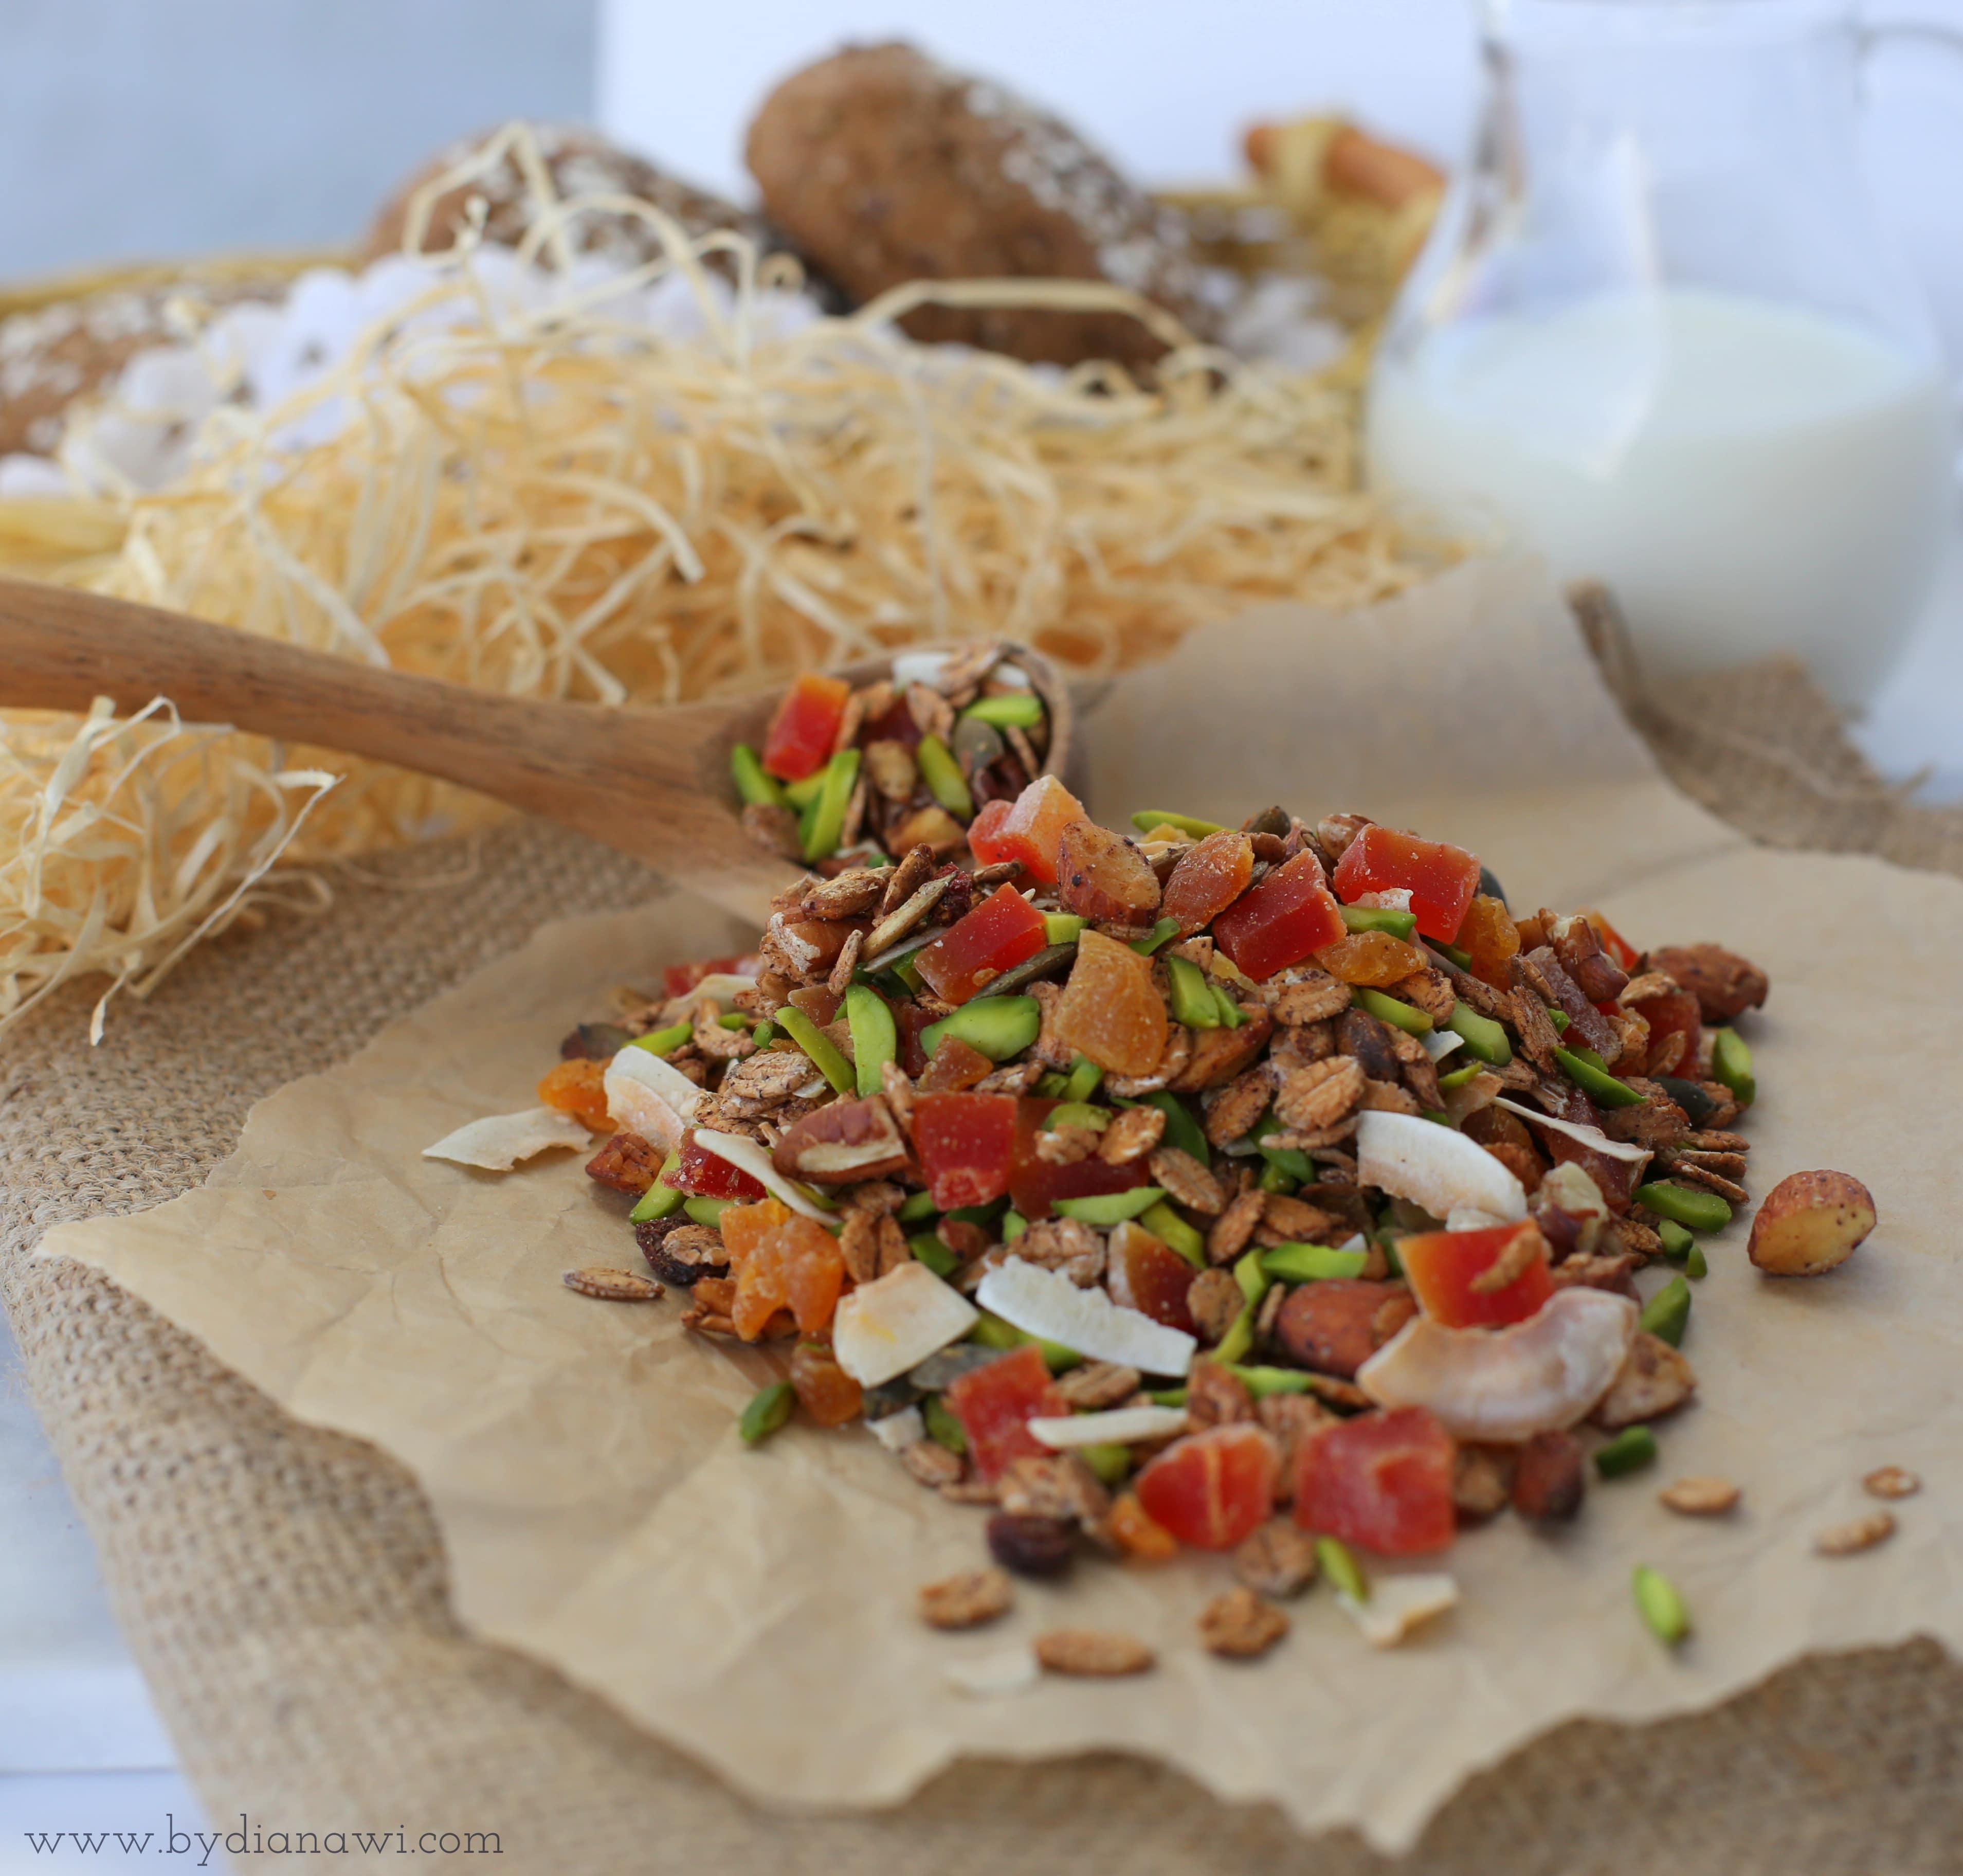 hjemmelavet granola opskrift med kæmpenatlysolie, livets olie, oil of life